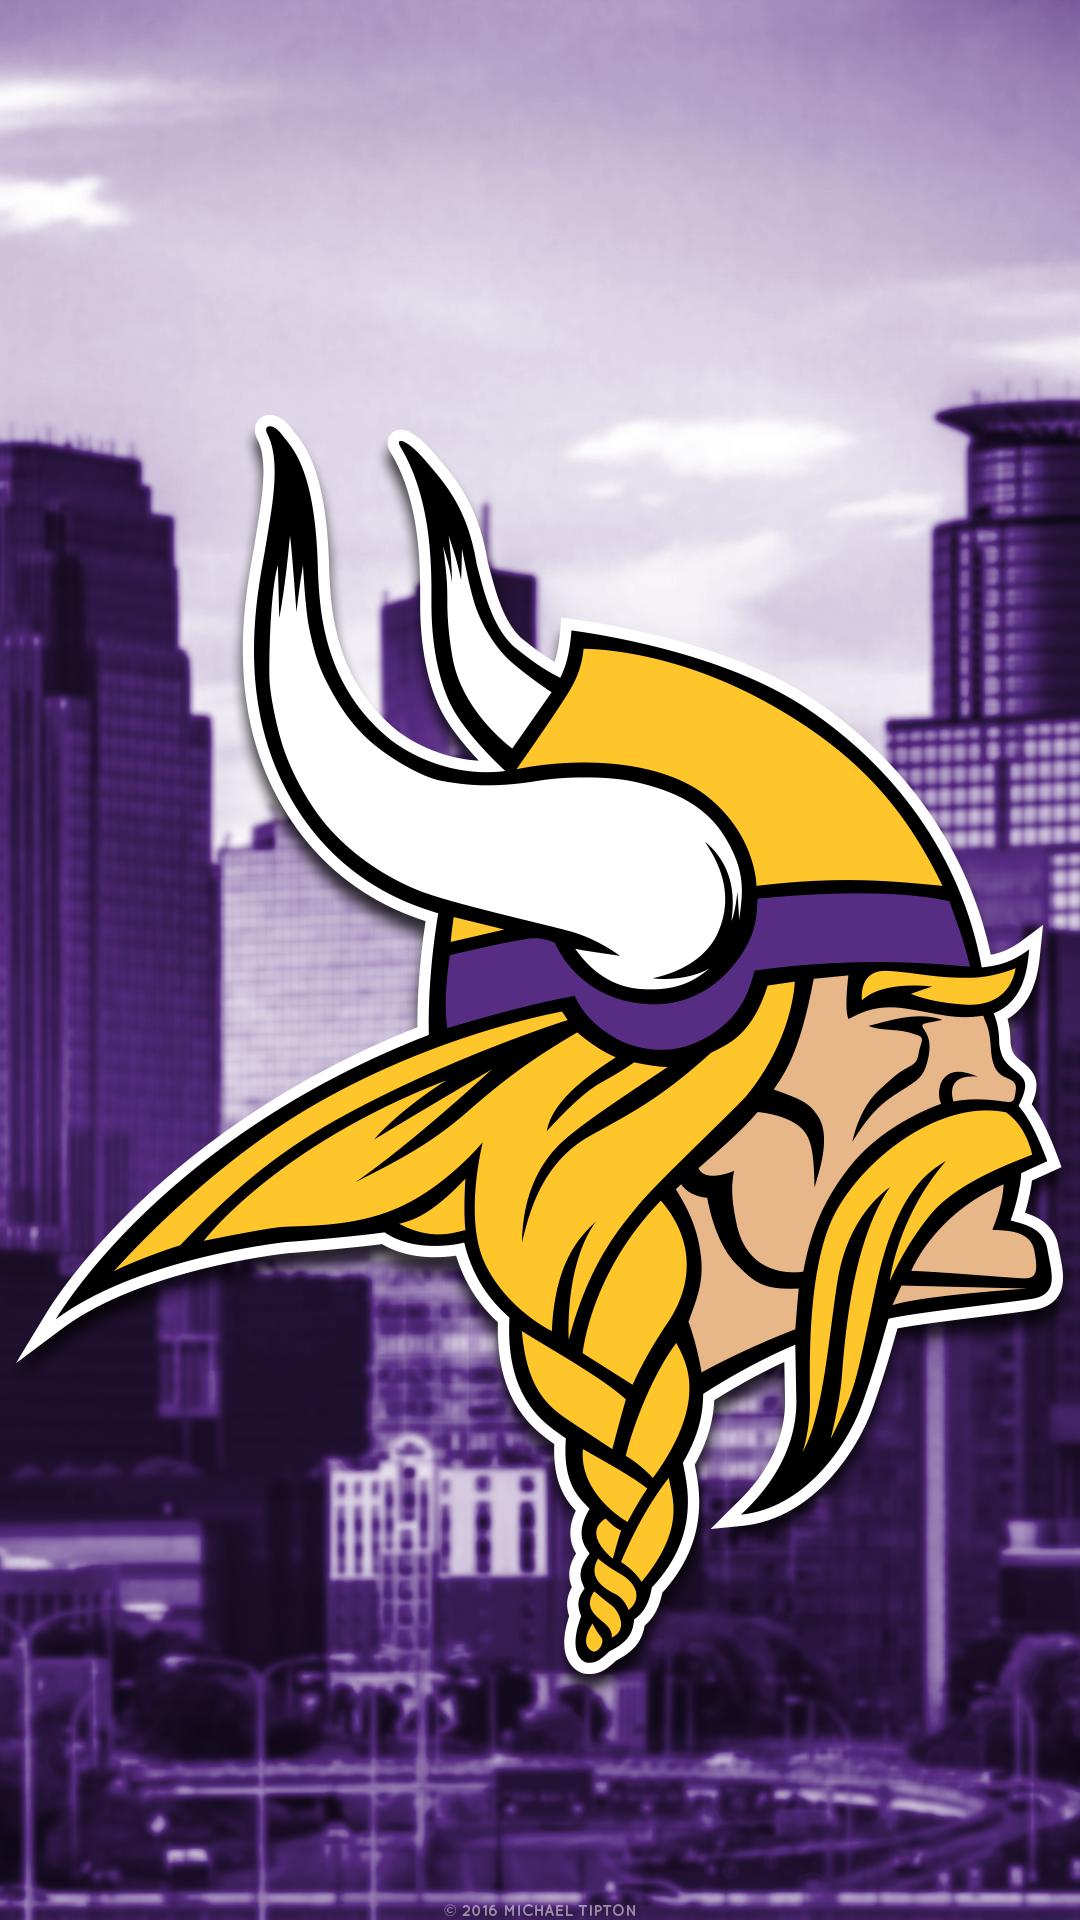 Minnesota Vikings 2018 Mobile City Logo Wallpaper